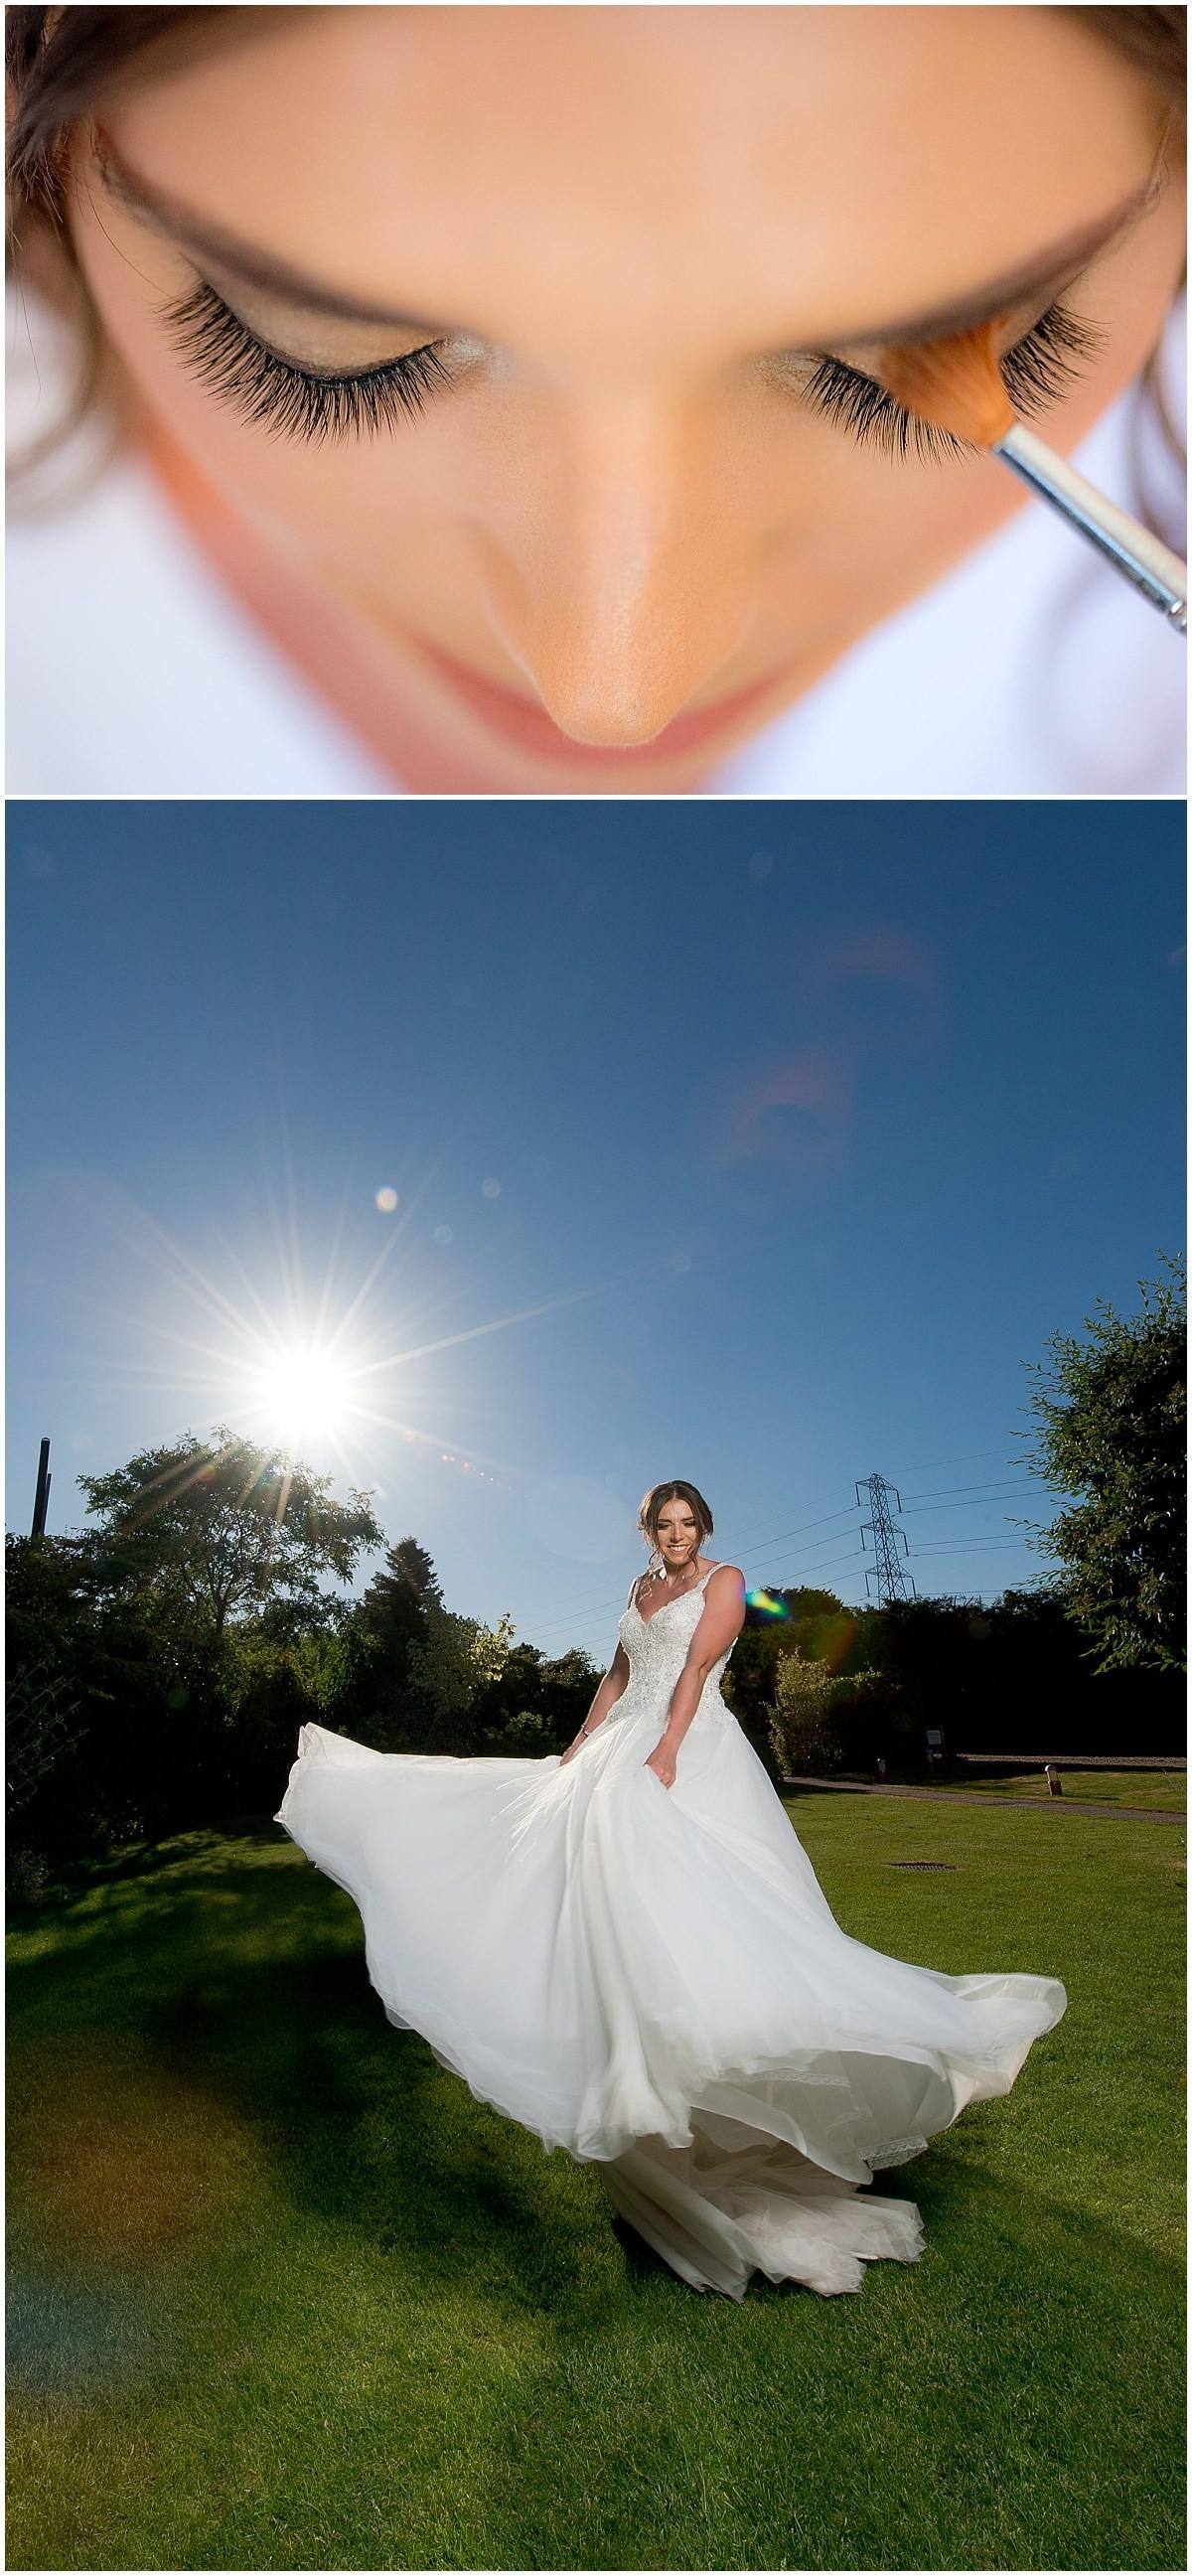 Bride dress swing